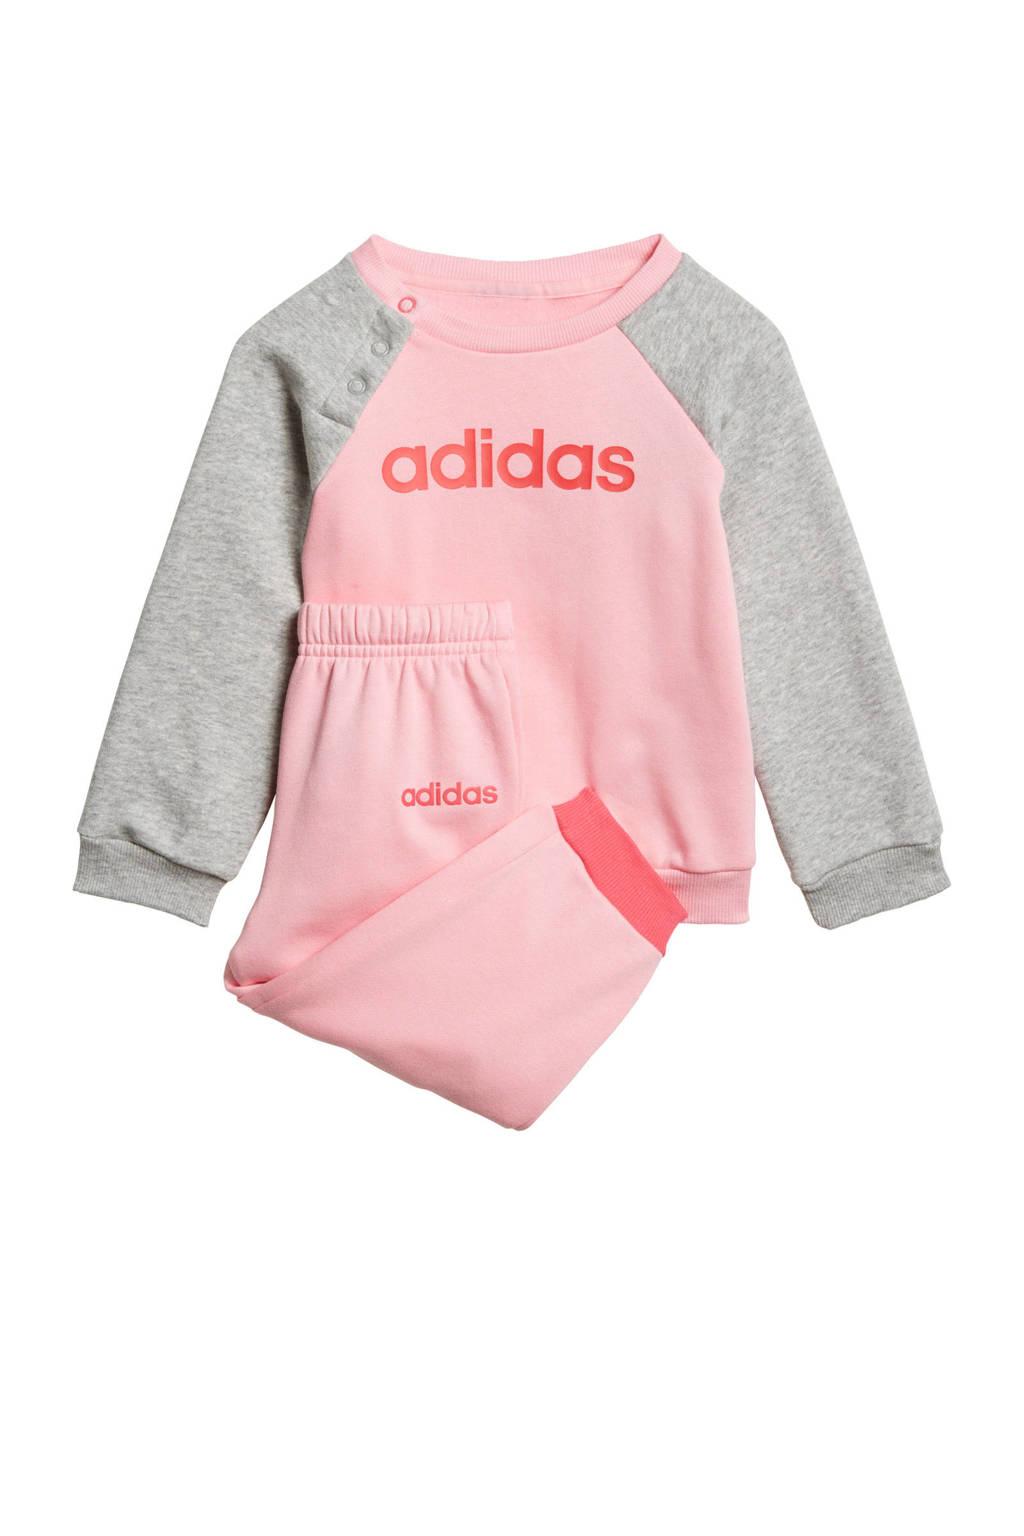 adidas performance   joggingpak lichtroze/grijs, Lichtroze/grijs